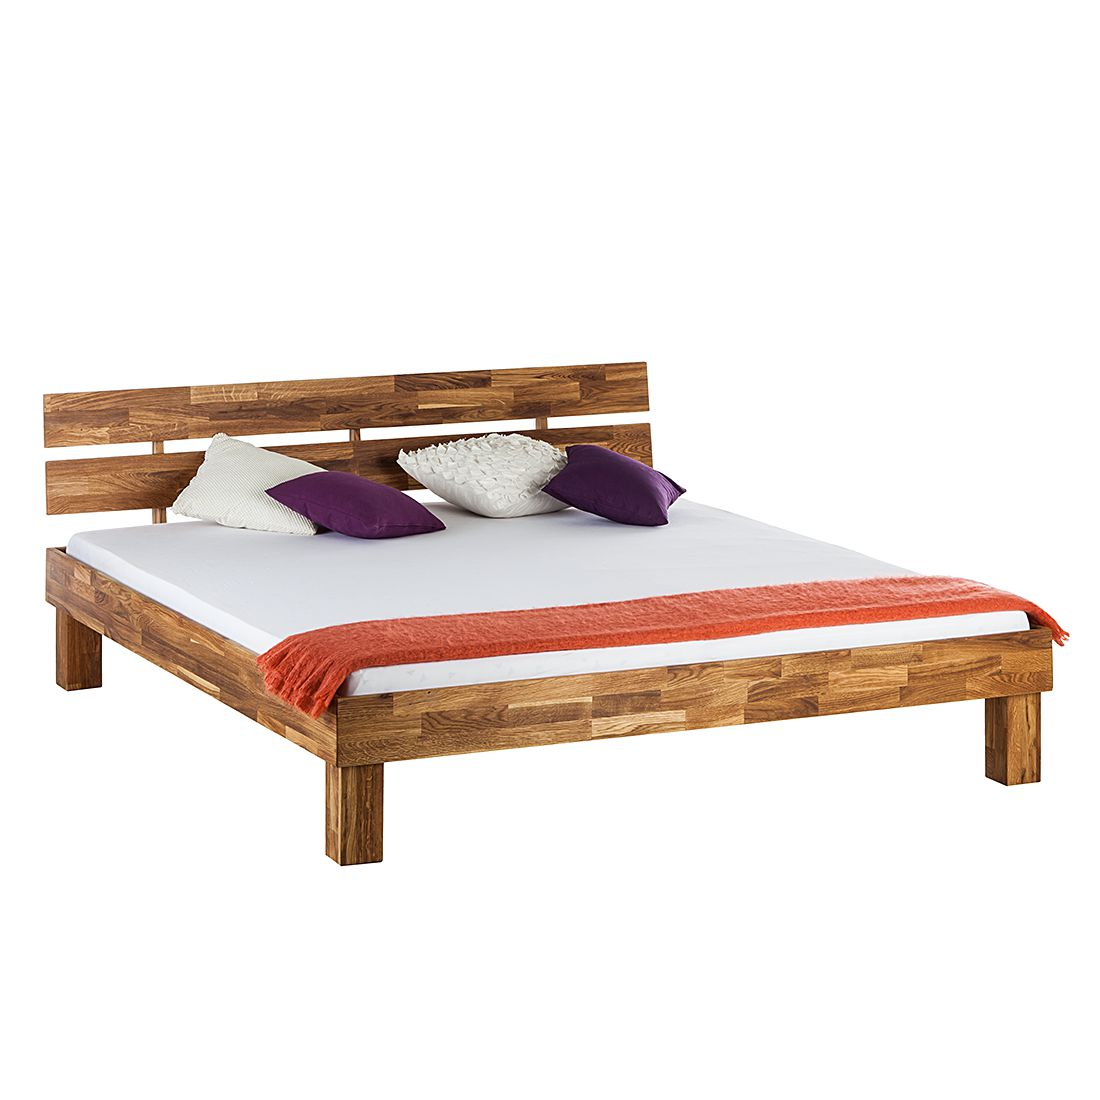 Boxspringbett Holz Eiche ~ Bett Massiv Holz Eiche  Preisvergleiche, Erfahrungsberichte und Kauf